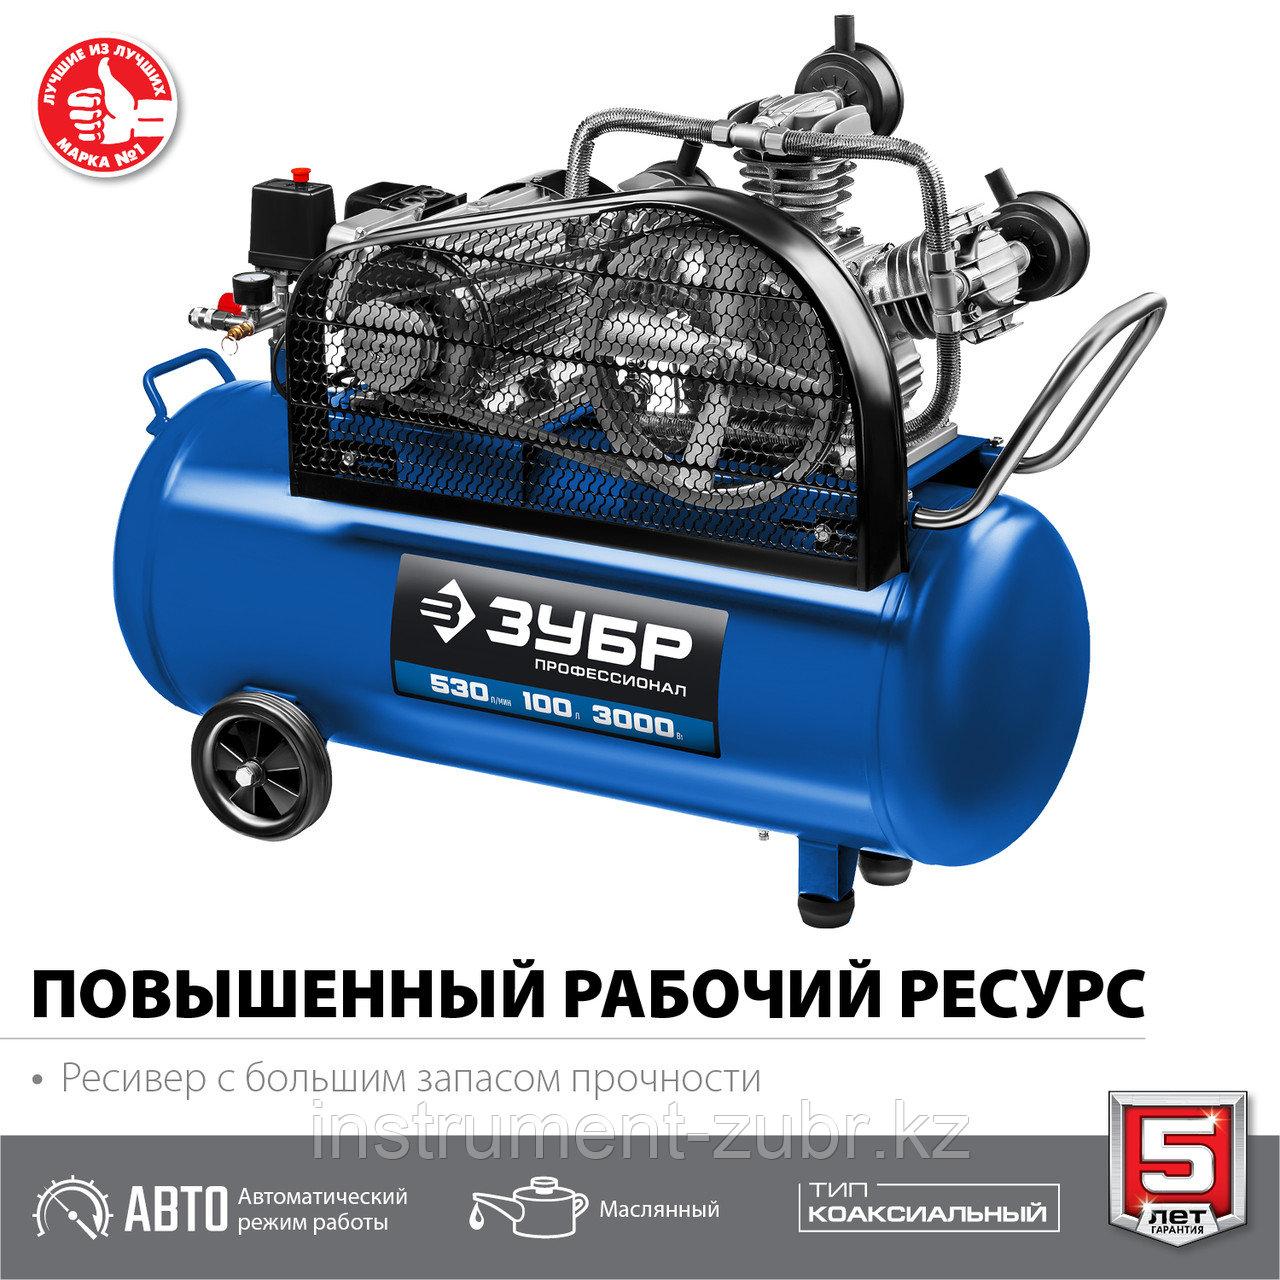 Компрессор ременной, 380 В, 530 л/мин, 100 л, 3000 Вт, ЗУБР - фото 5